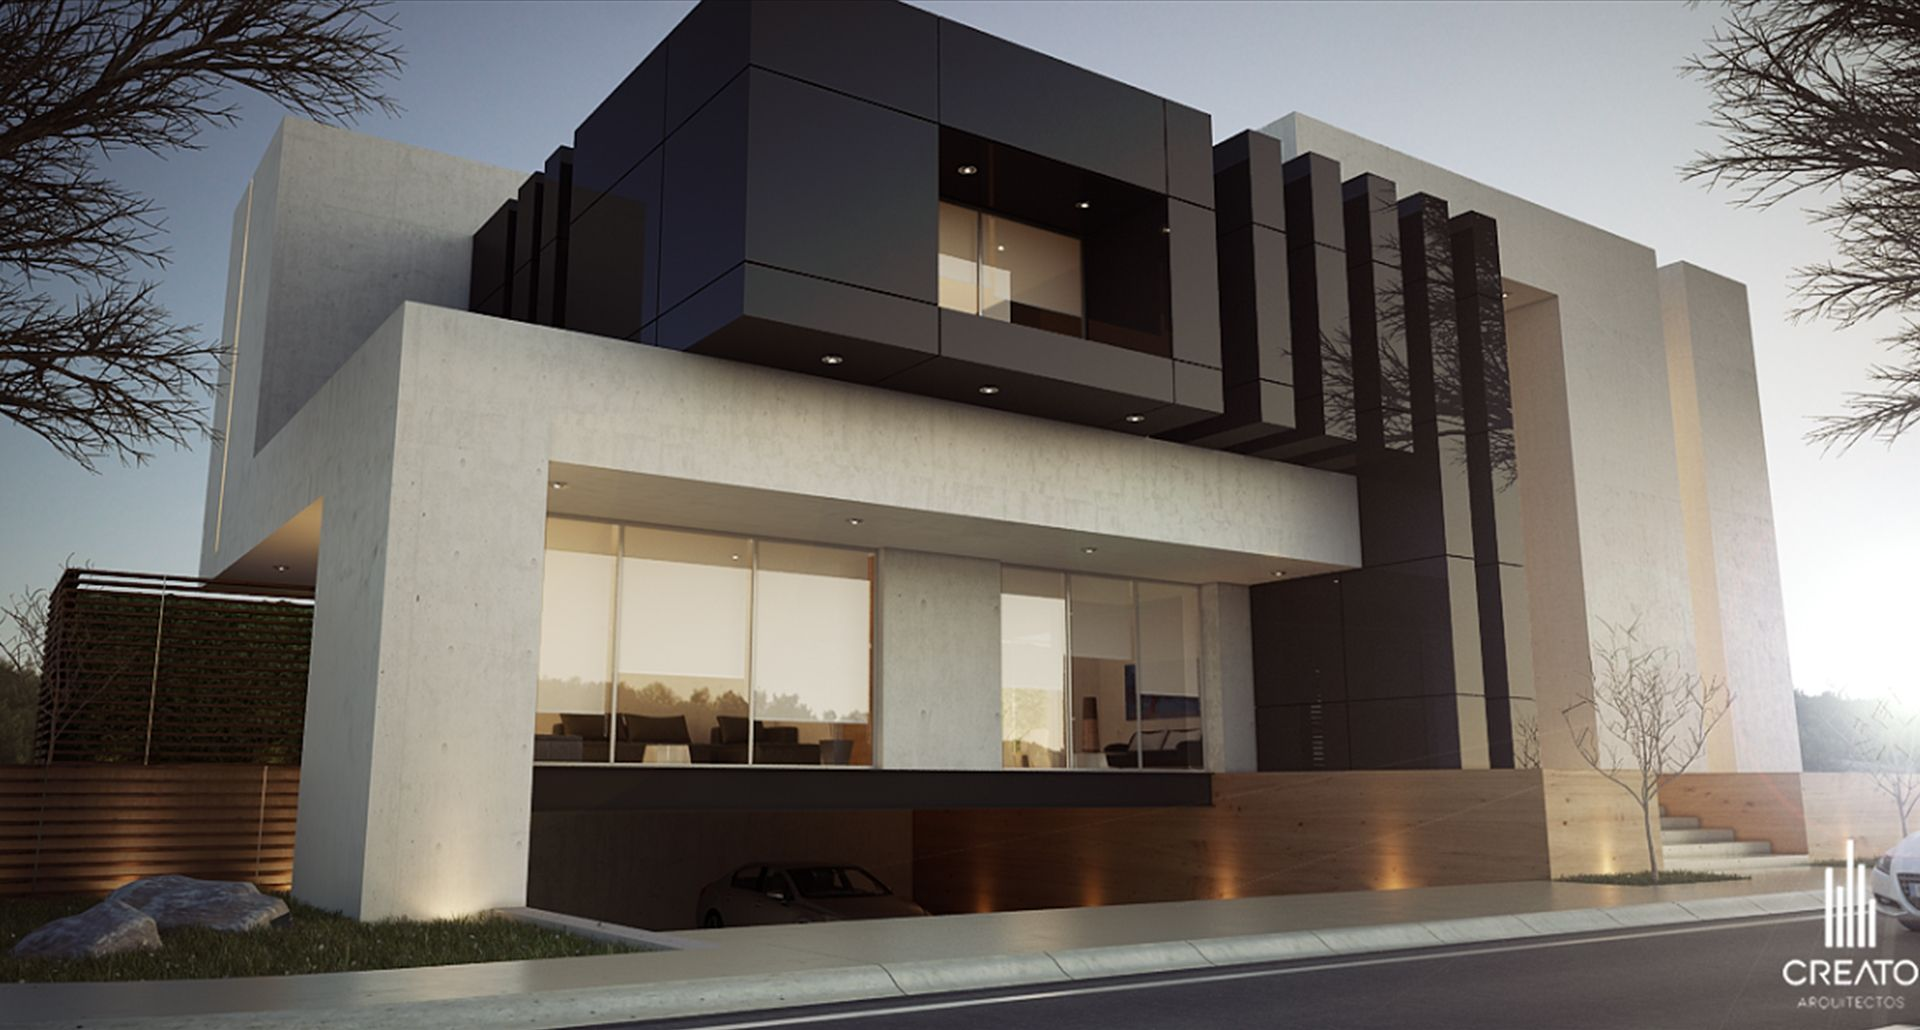 Provenza guadalajara mex creato arquitectos casas pinterest - Casas prefabricadas guadalajara ...